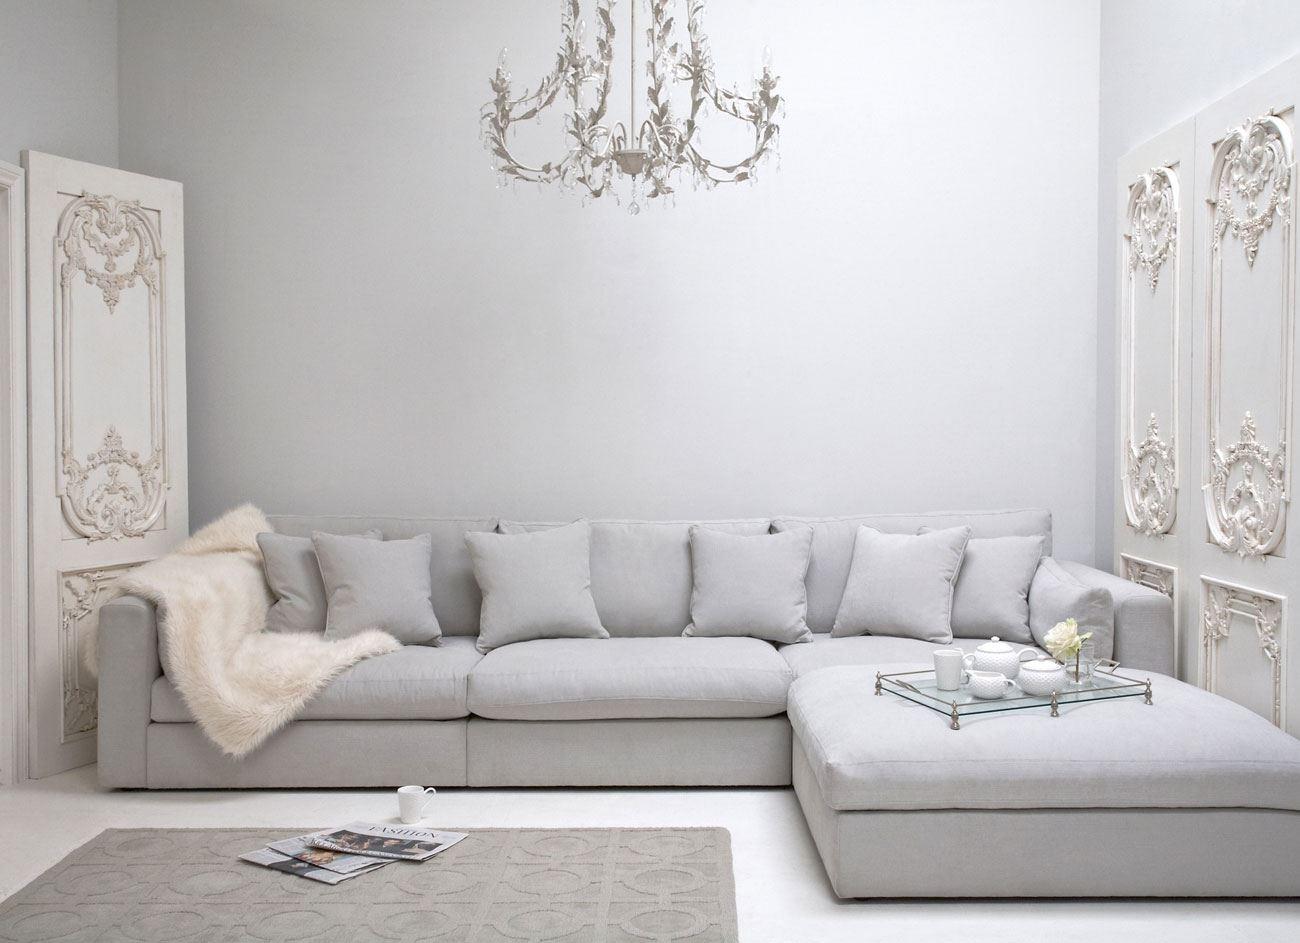 Большой диван в интерьере (24)